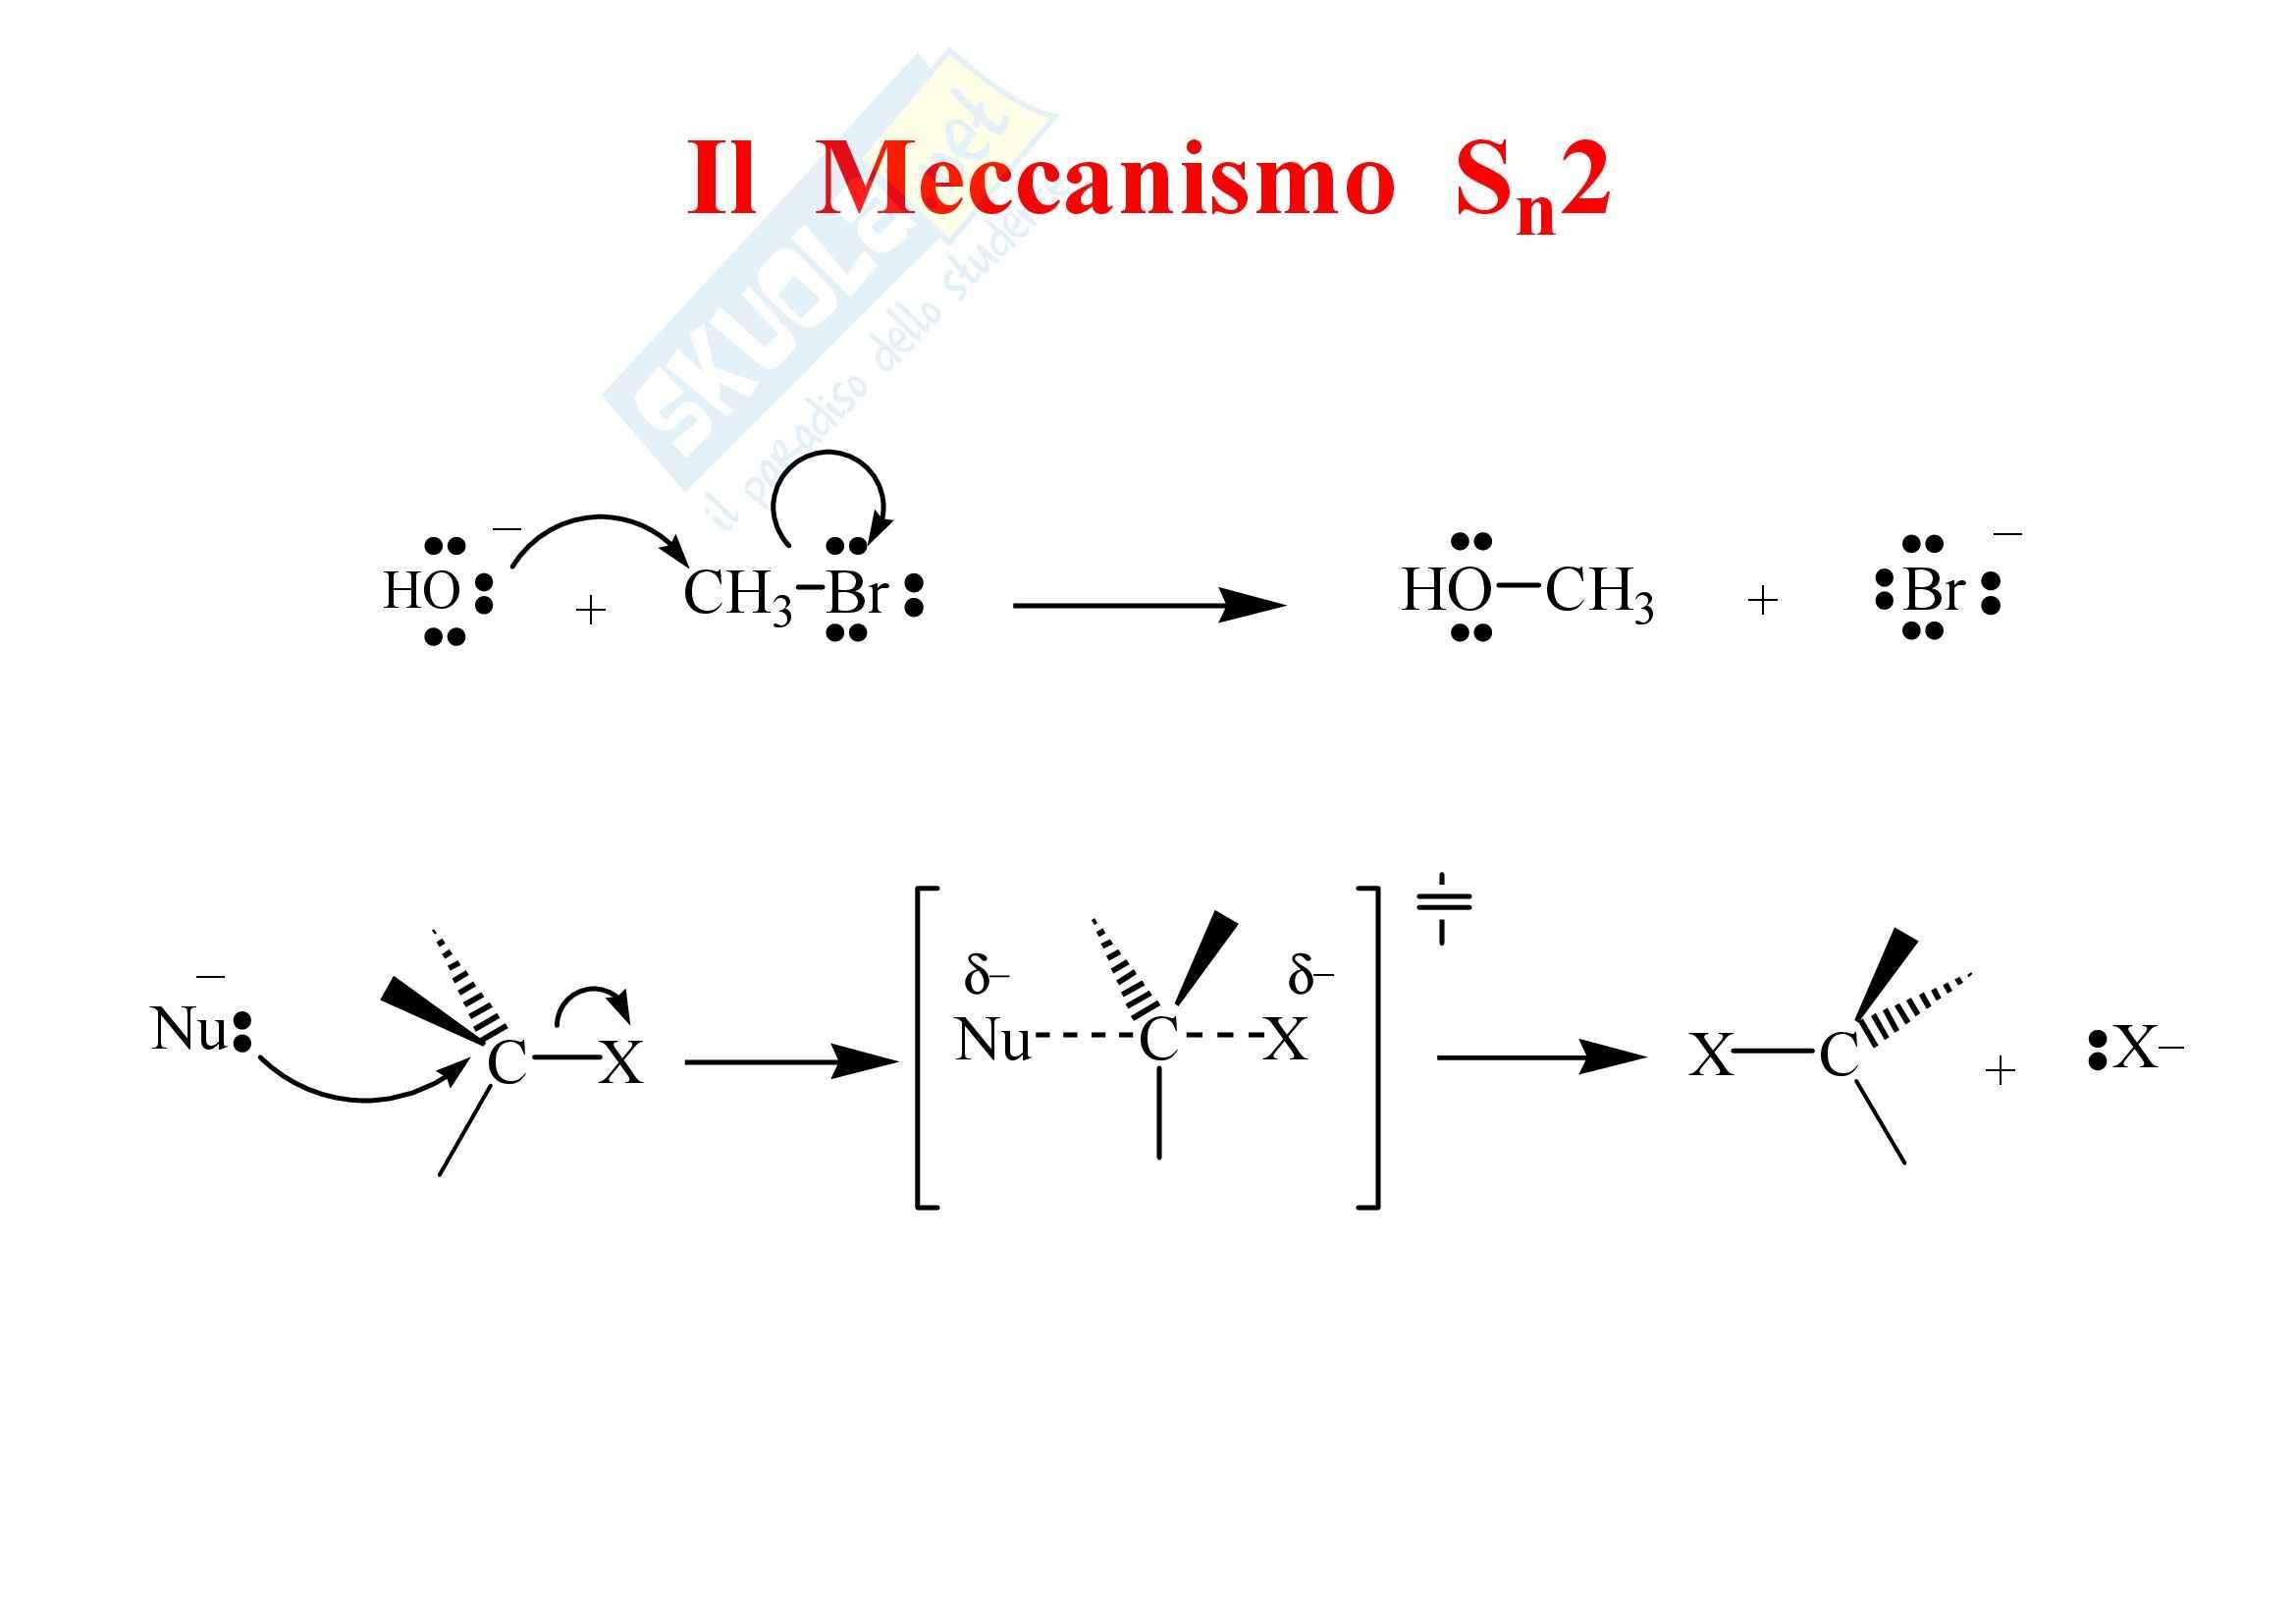 Chimica organica - gli alogenuri alchilici Pag. 6